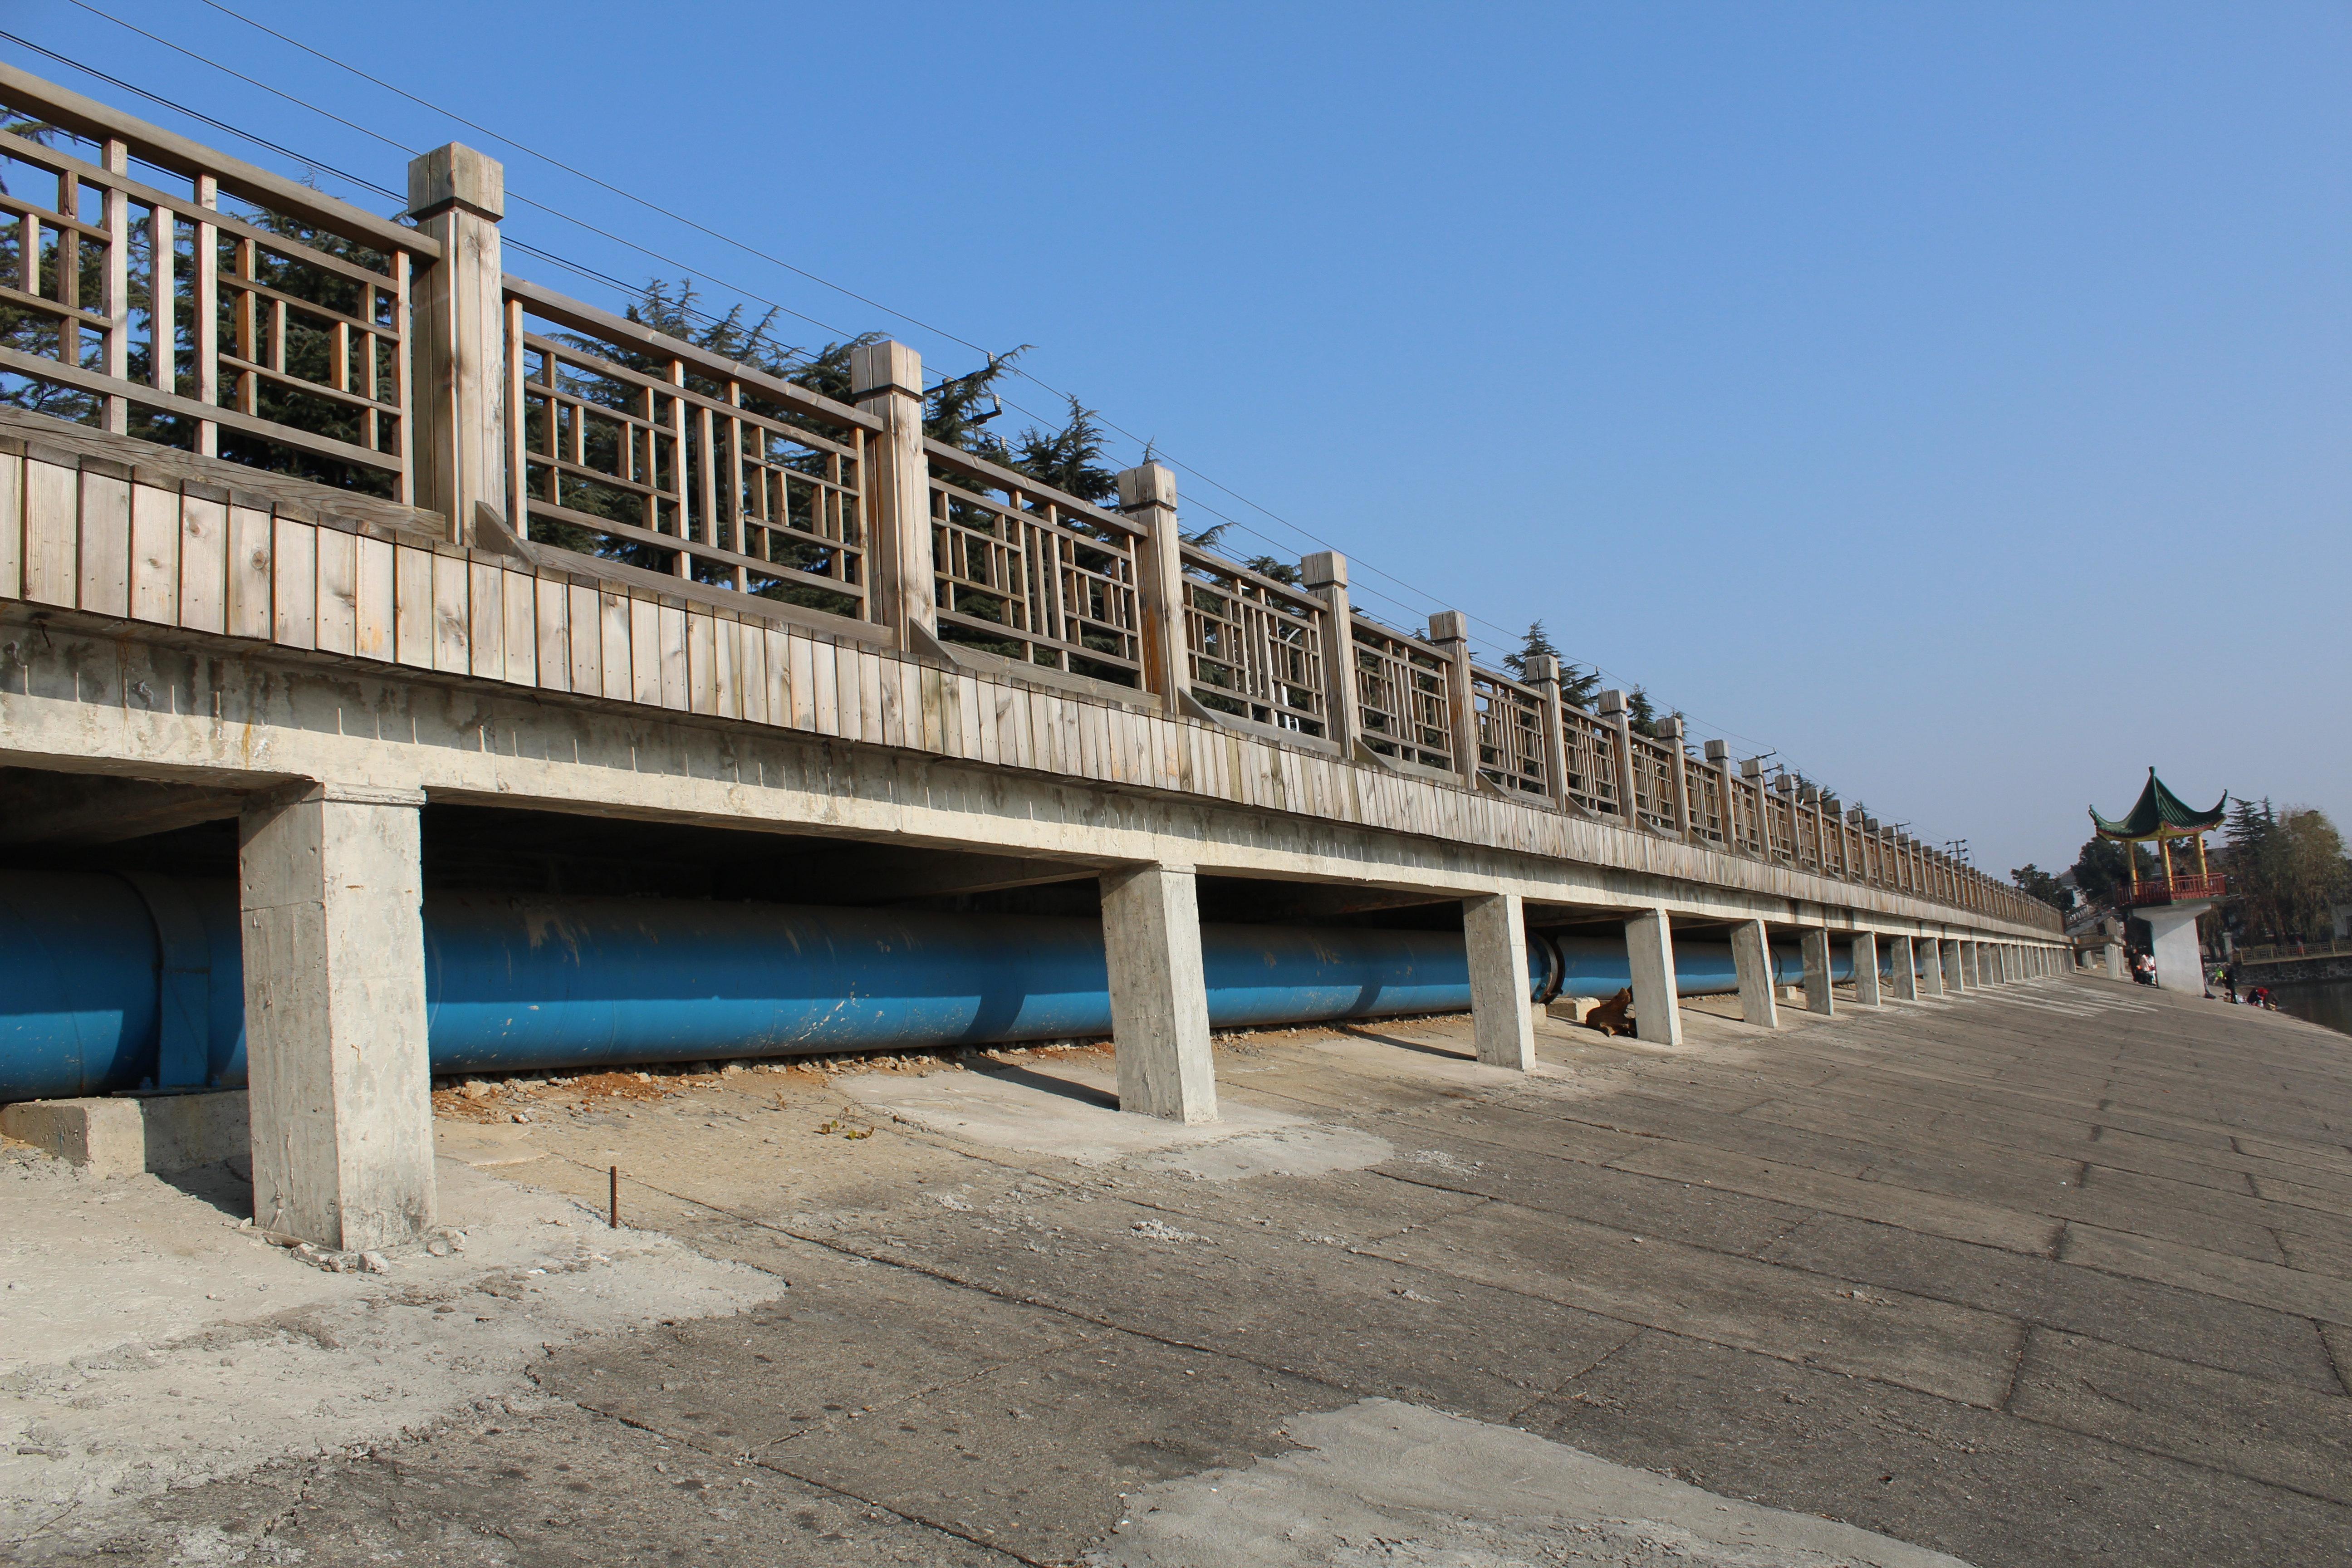 浦口南京上海一日游地暖v地暖汤泉别墅图片